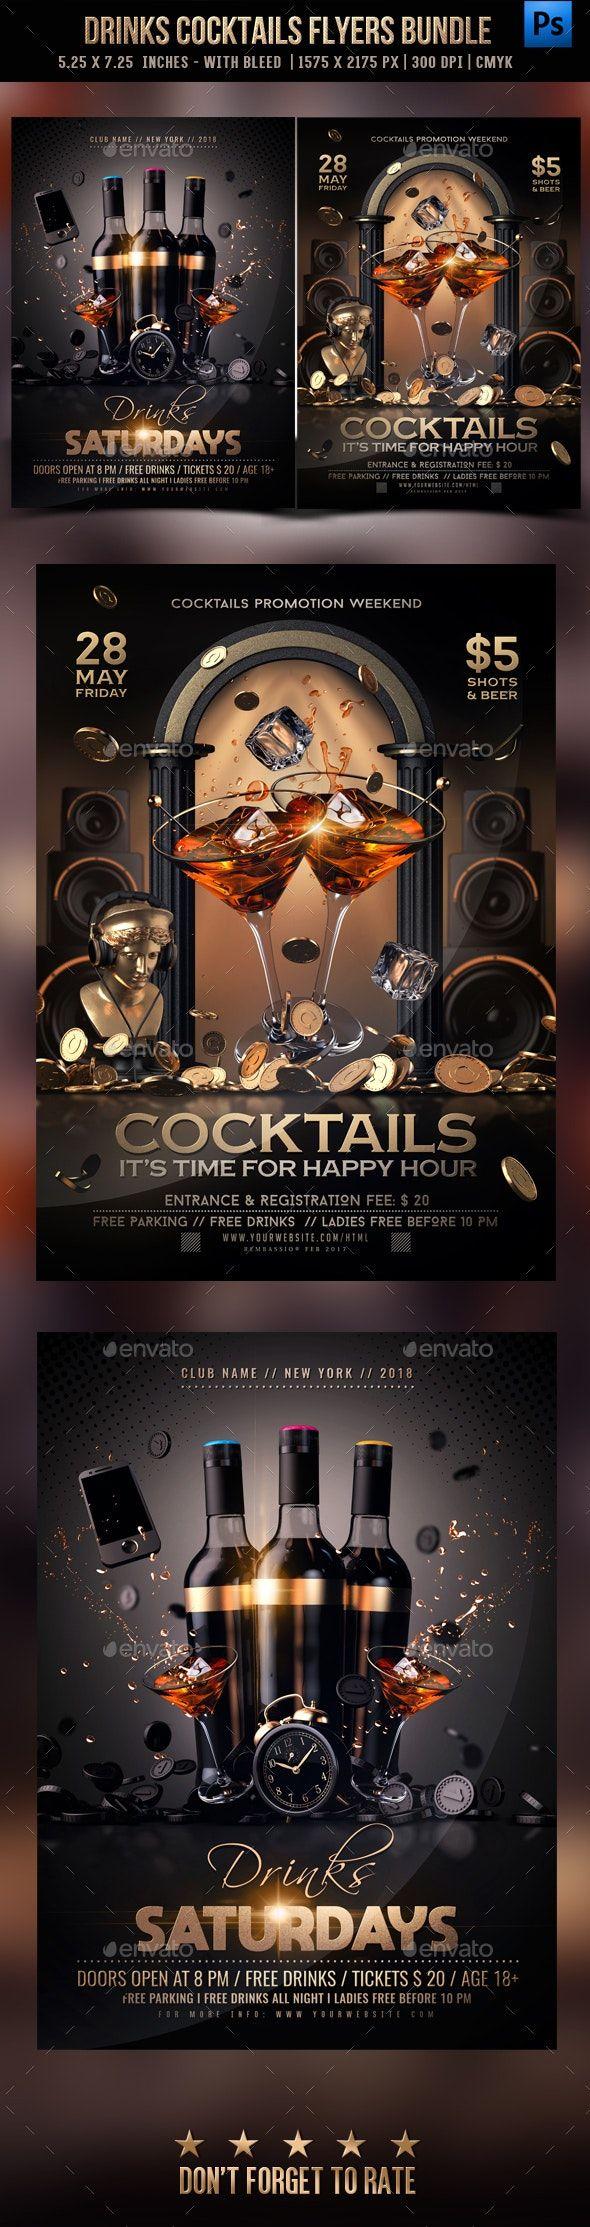 Drinks Cocktails Bundle